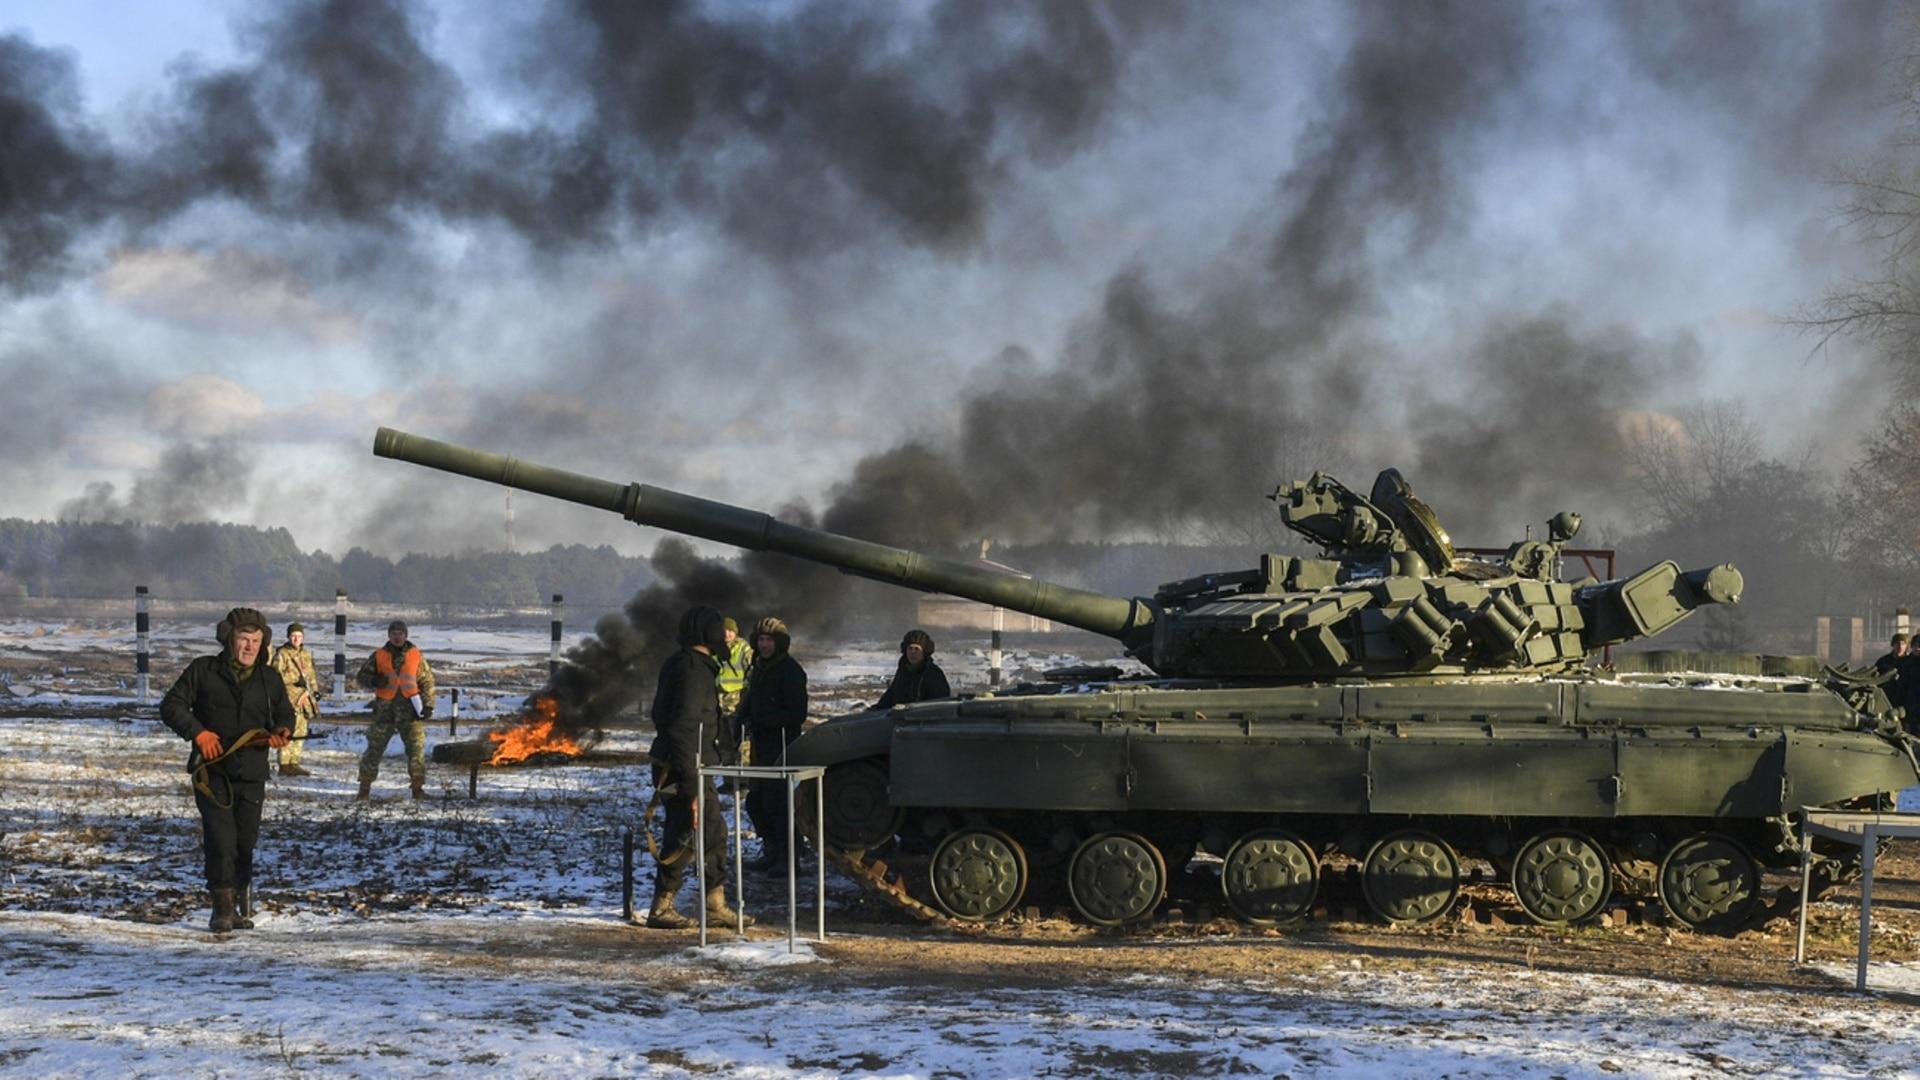 Le revers des sanctions internationales